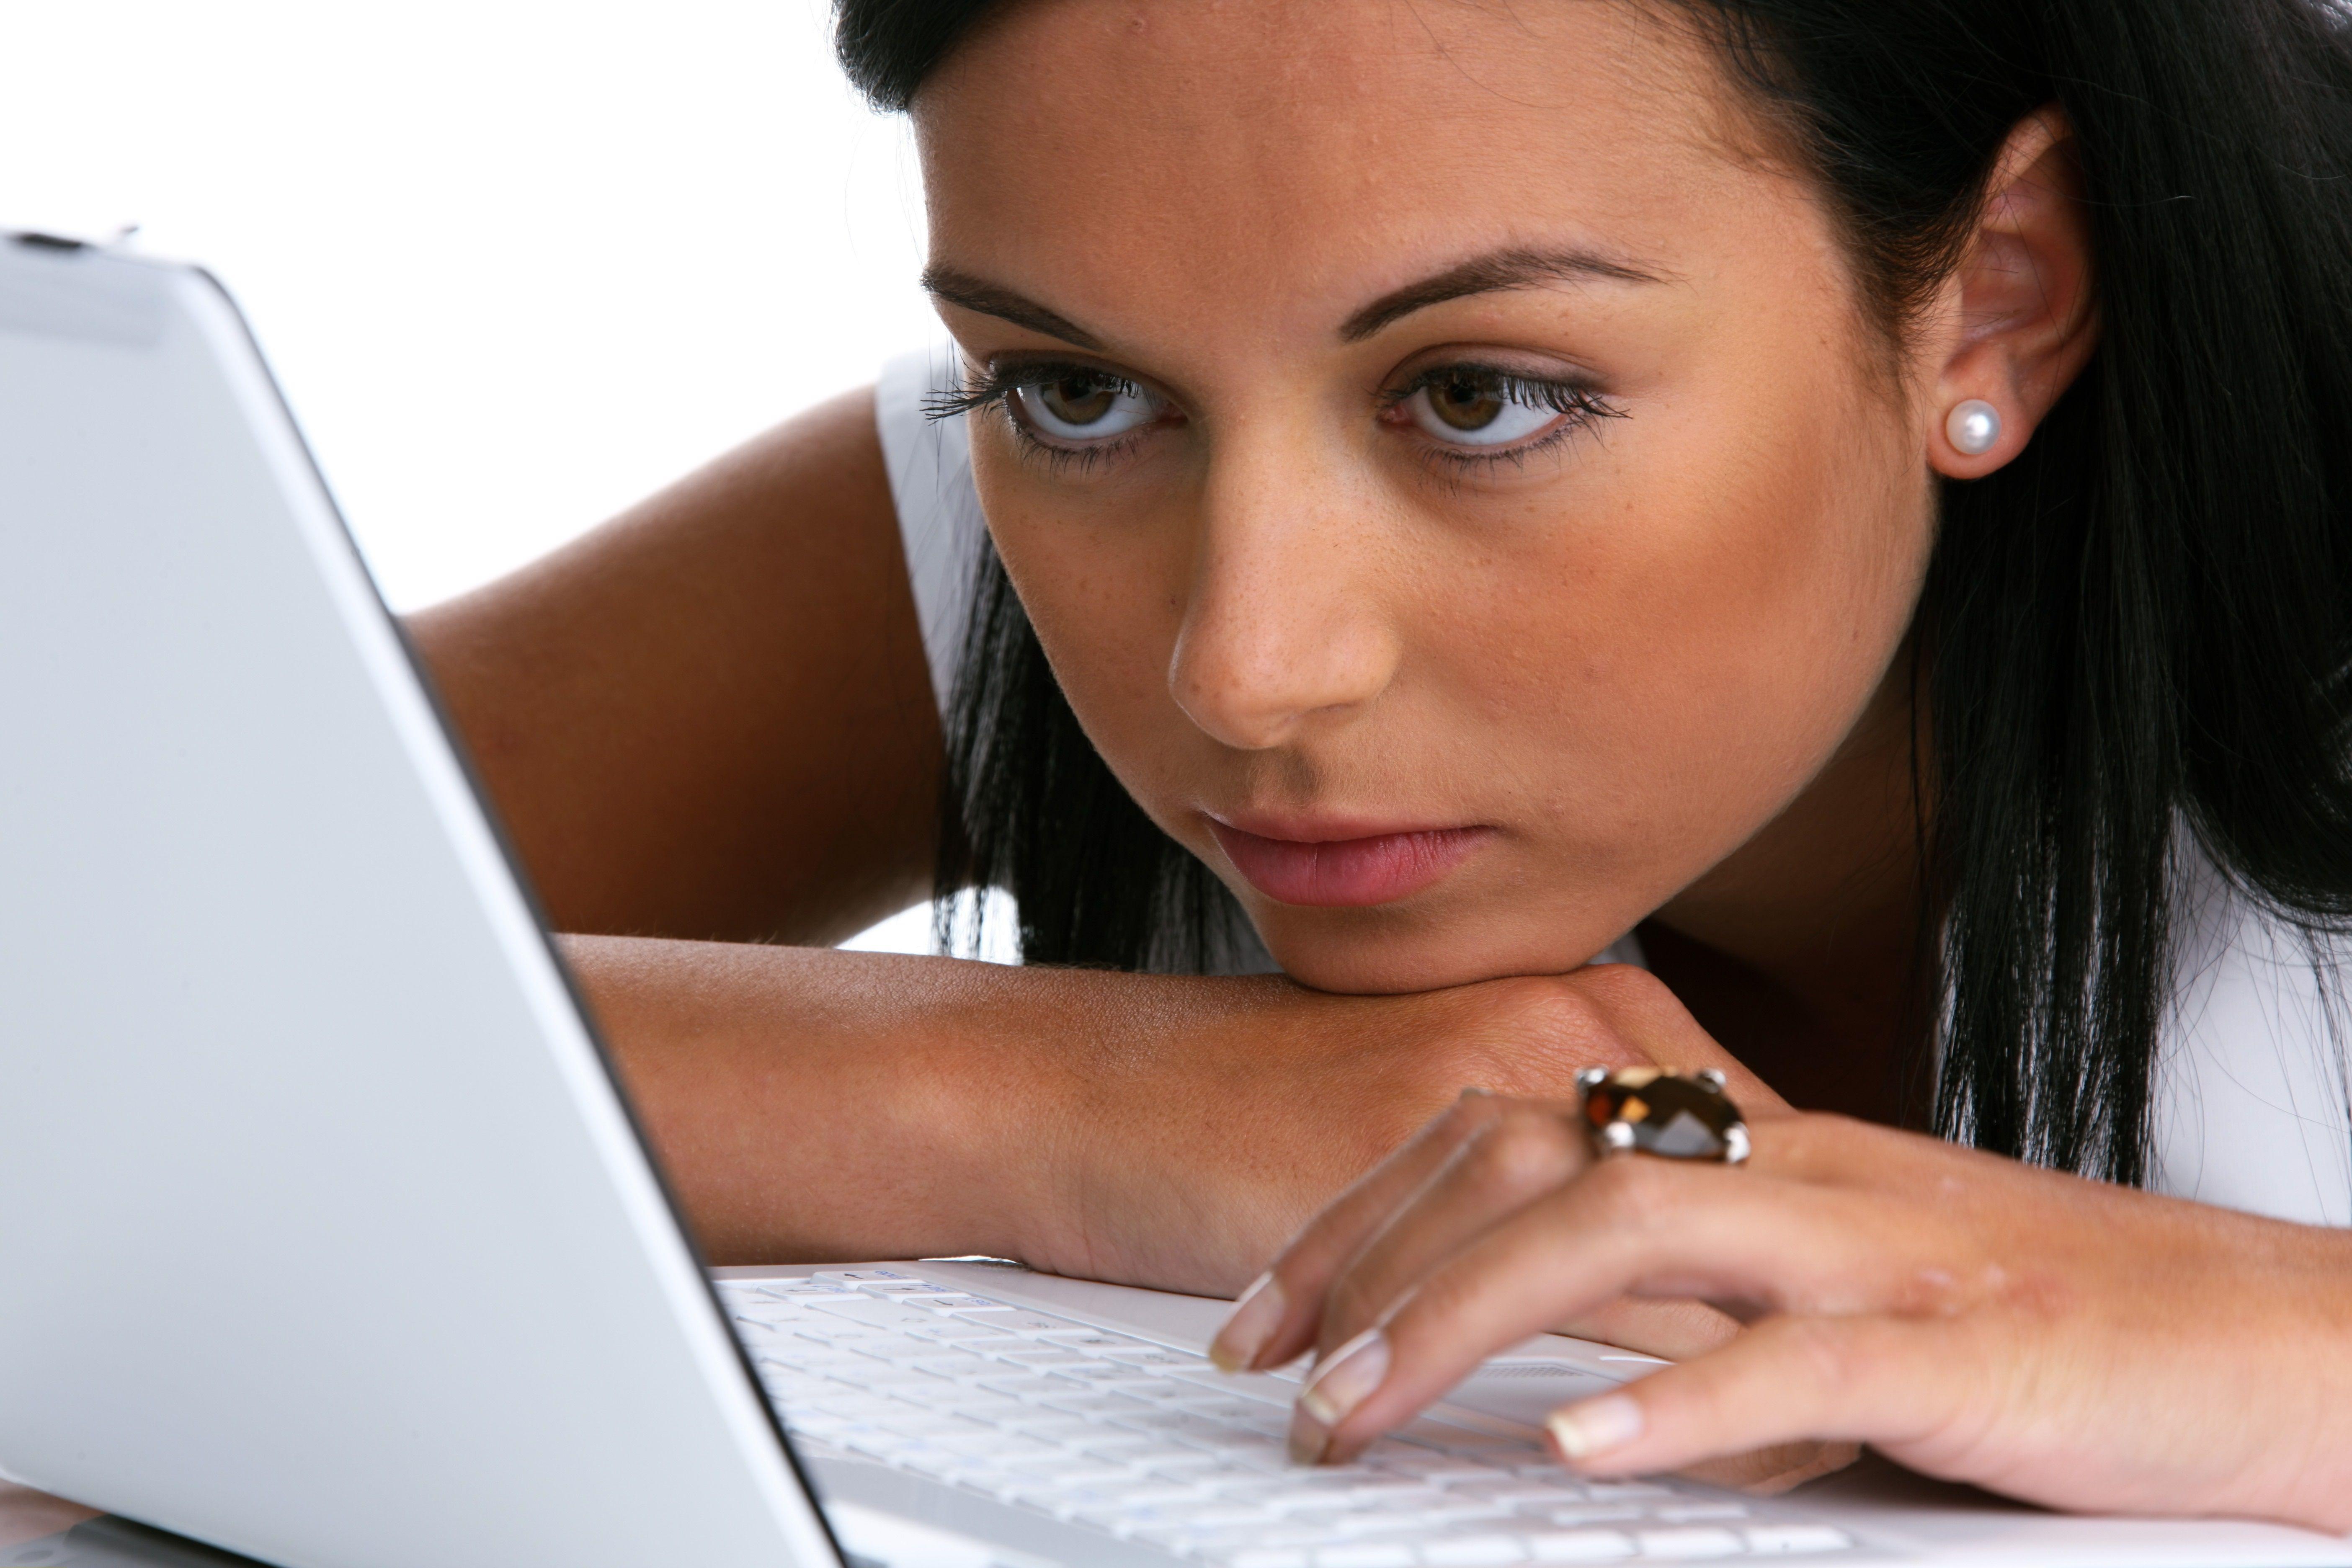 beste dating achtergrond te controleren opening lines voor dating online